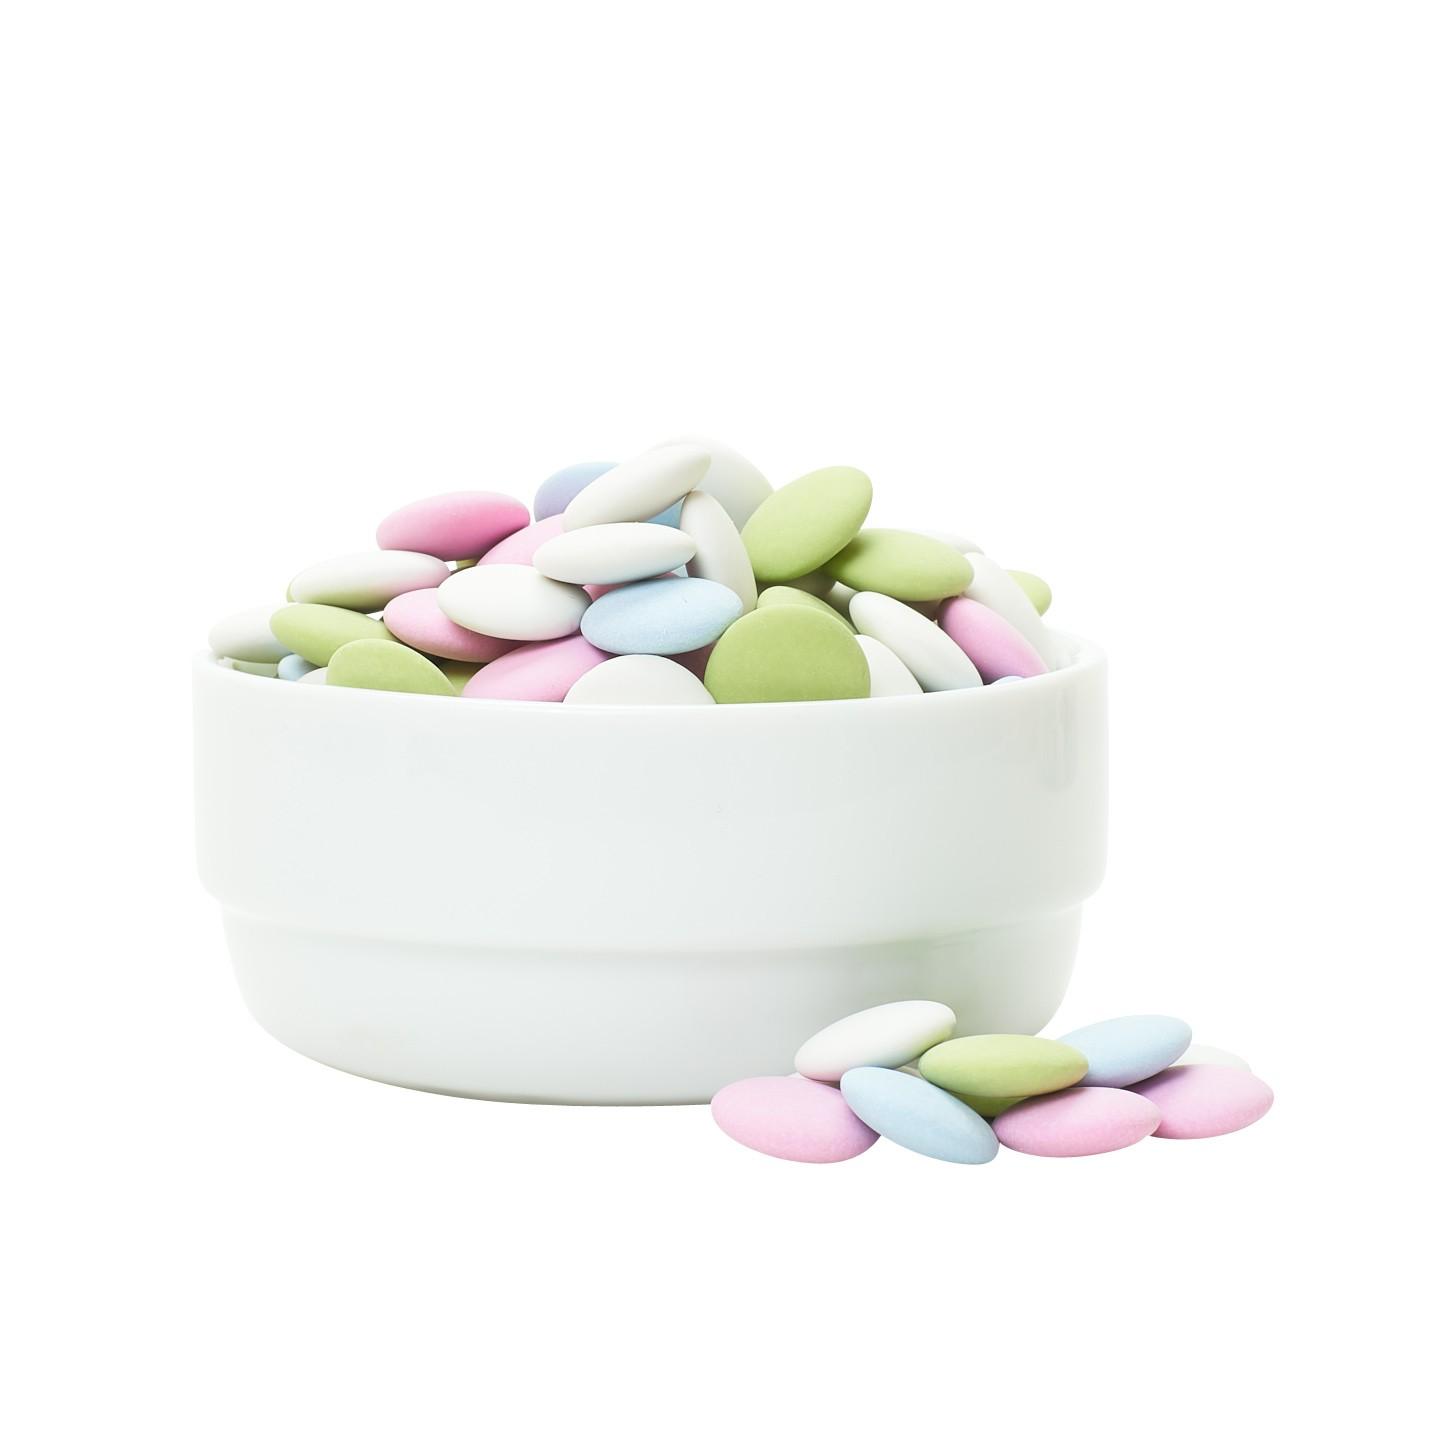 Pastel Mint Chocolate Lentils